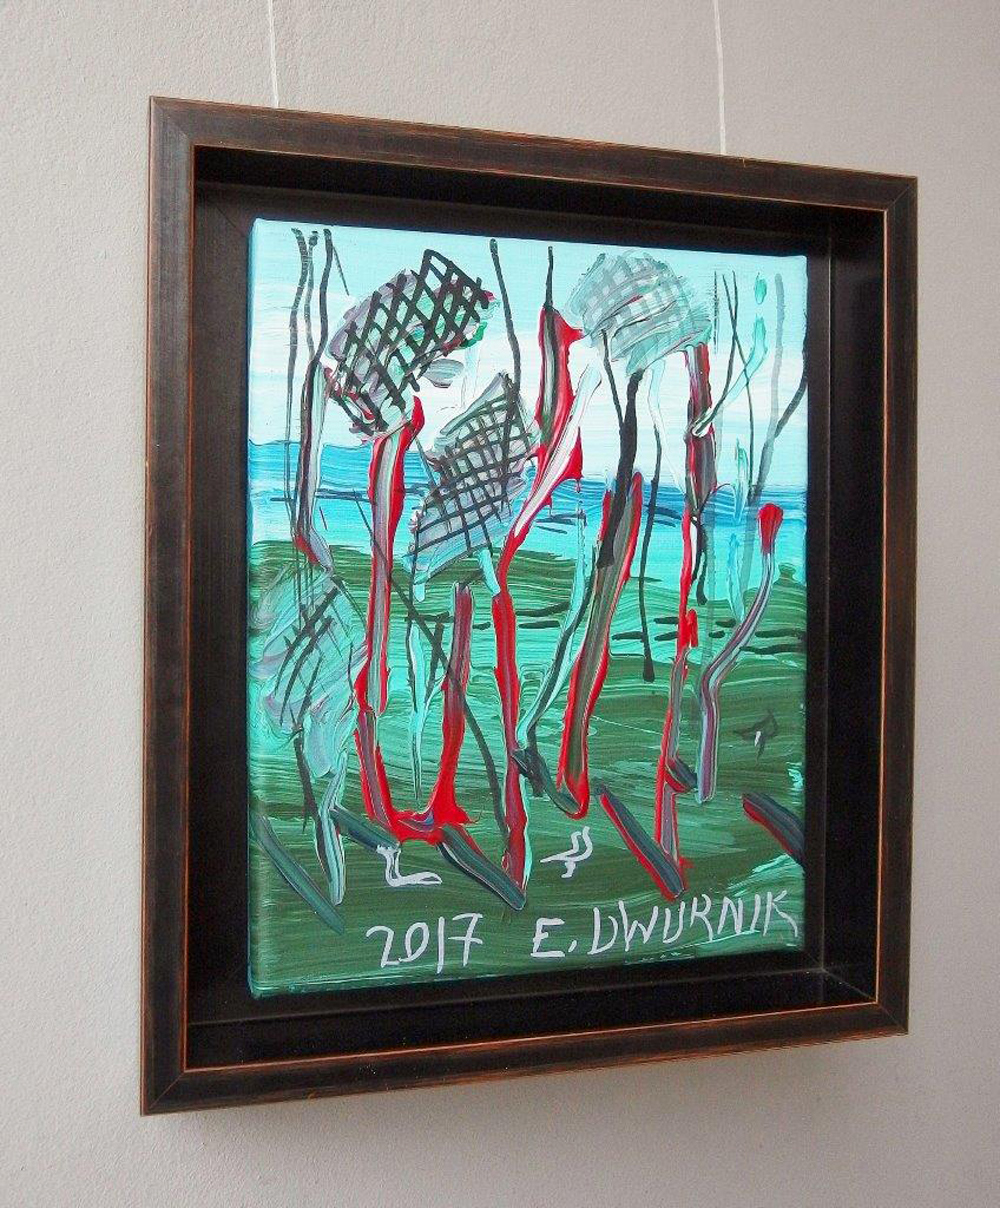 Edward Dwurnik : Pine trees No 2